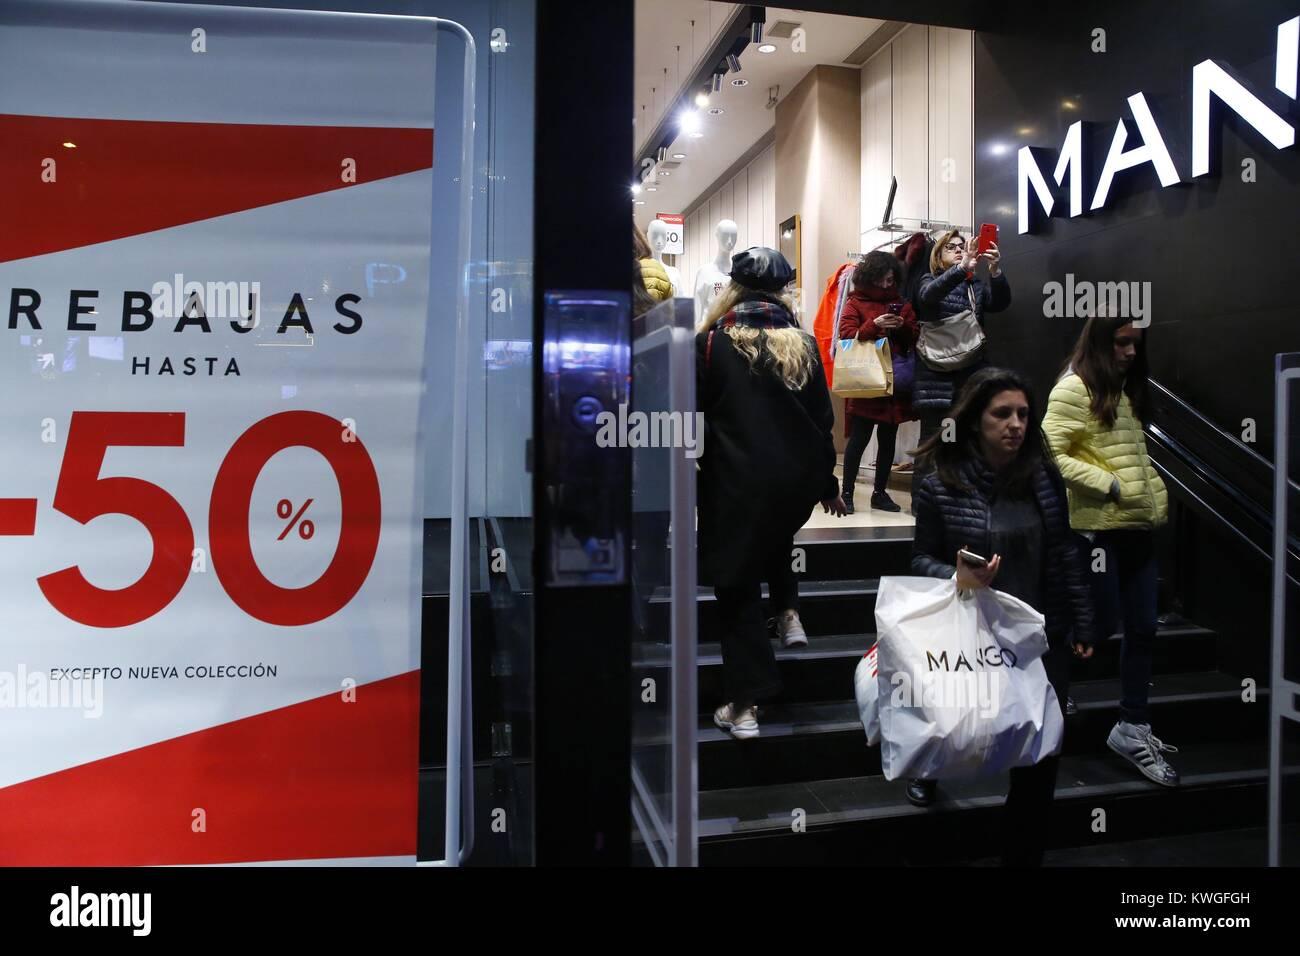 3 Januar 2018 Stockfotos & 3 Januar 2018 Bilder - Alamy